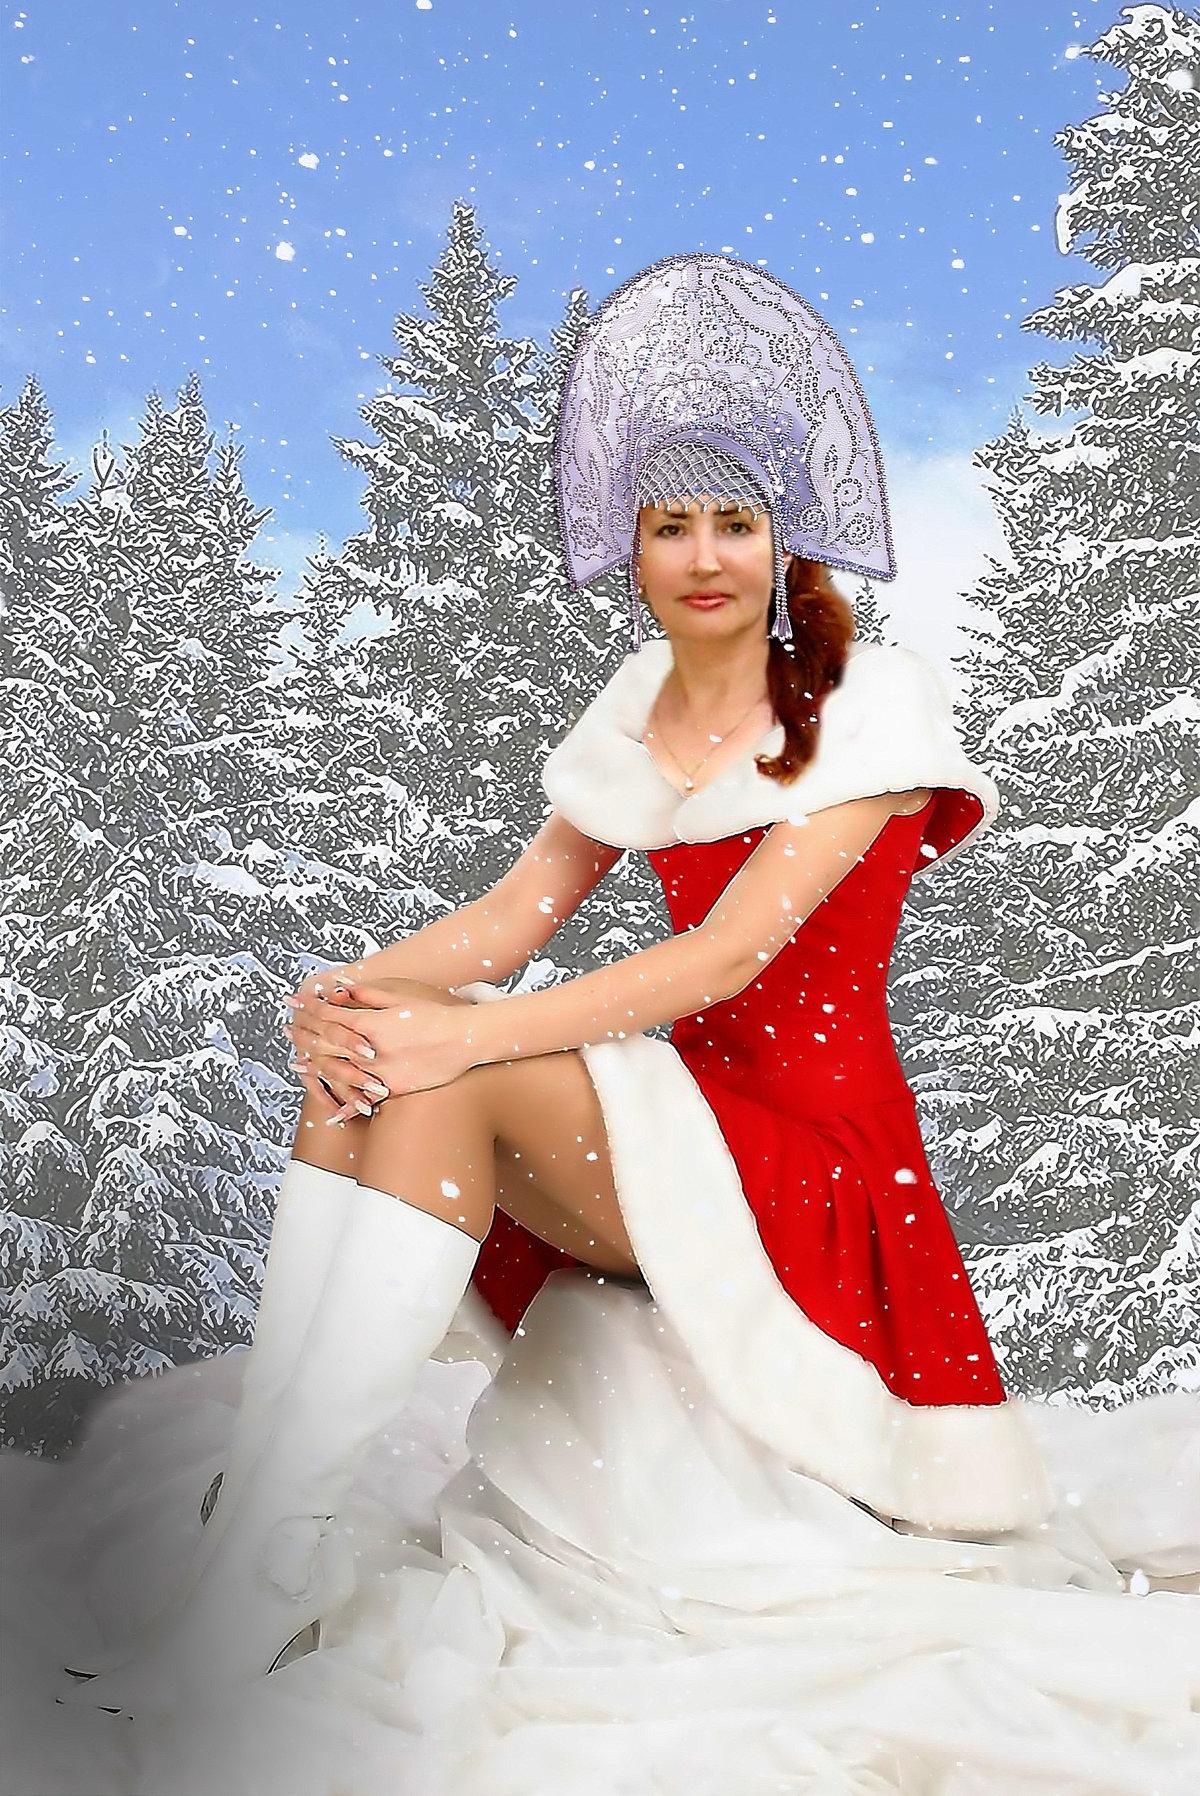 вставить свое фото в картинку снегурочки тем, чем может